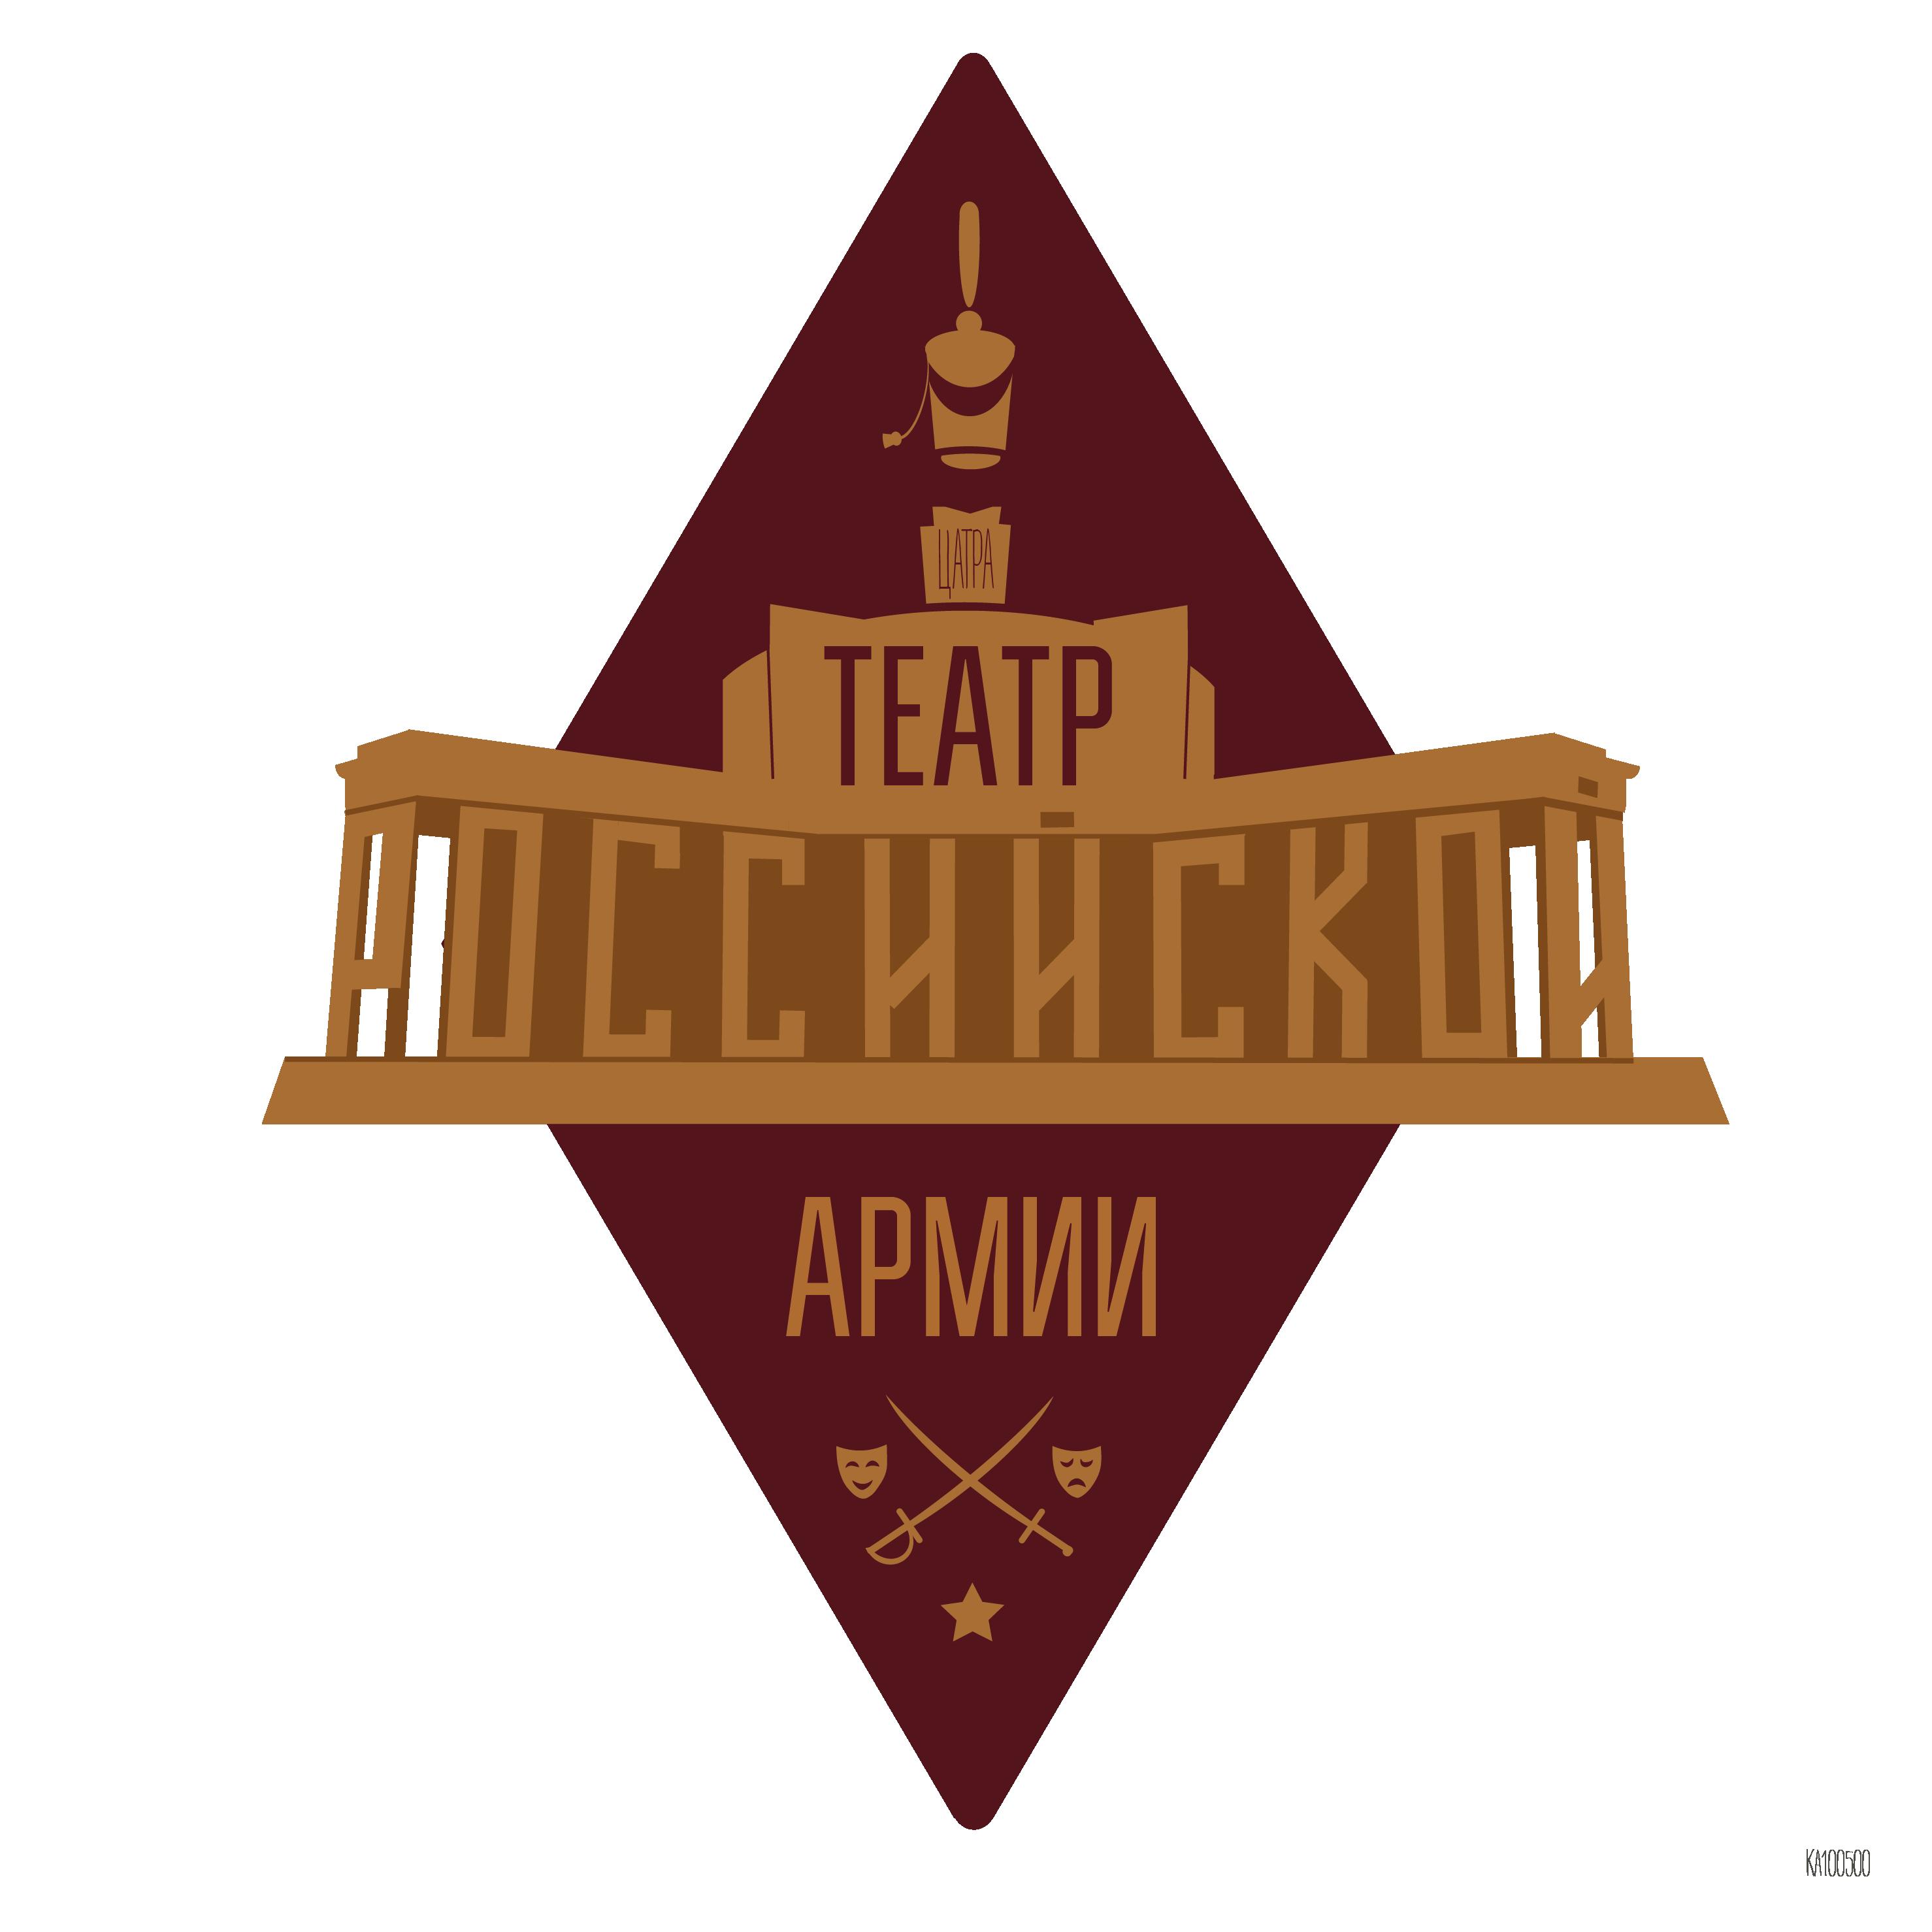 Разработка логотипа для Театра Российской Армии фото f_611588d02b131ac7.png